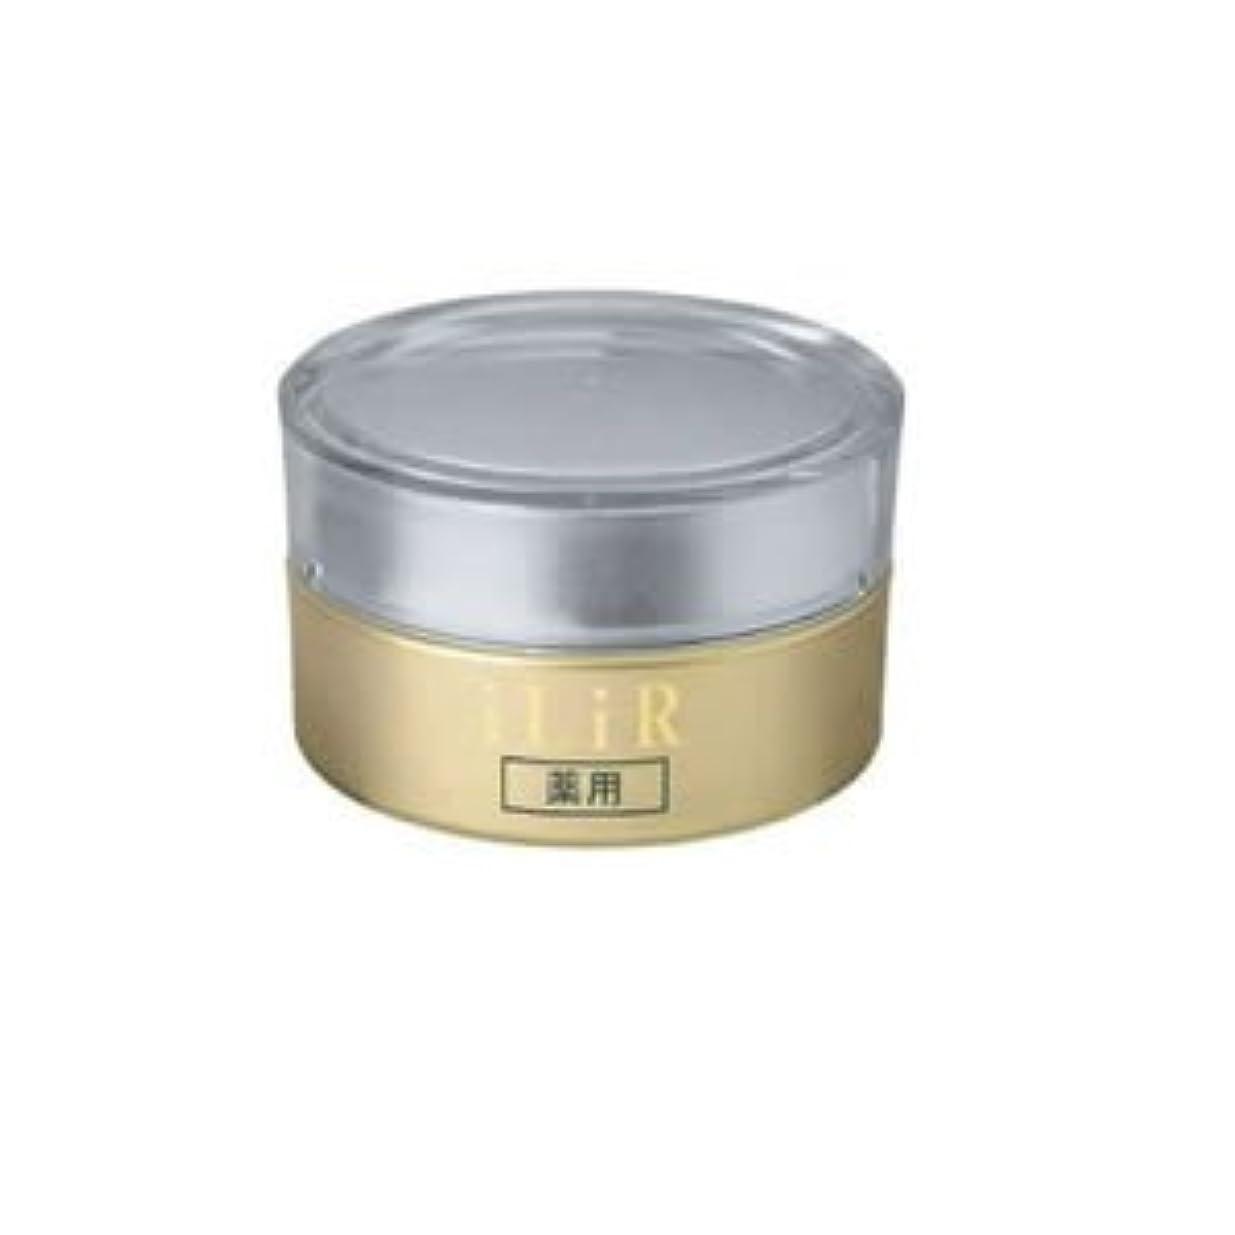 エジプト人使い込む頭痛薬用リンクルホワイトクリーム30g(医薬部外品)